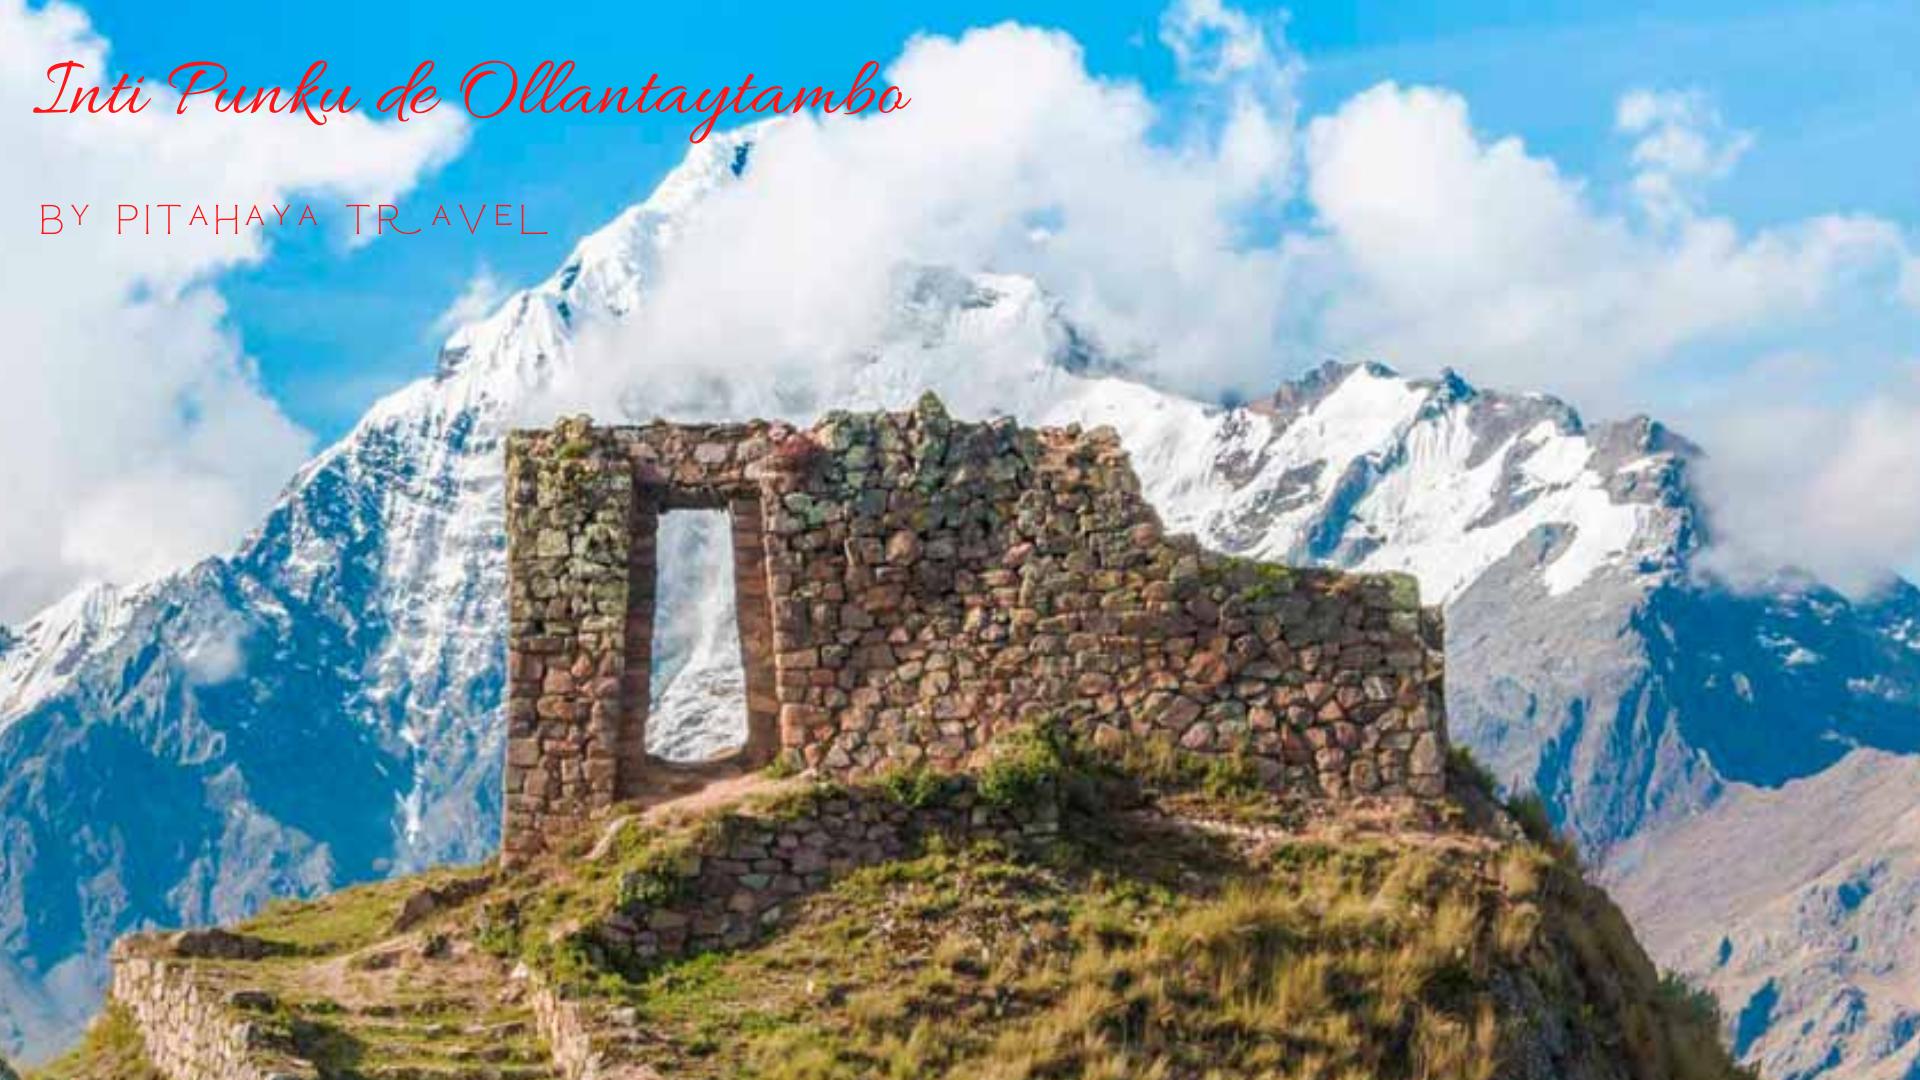 Cómo llegar a Inti Punku la Puerta Interdimensional de Ollantaytambo desde cusco peru